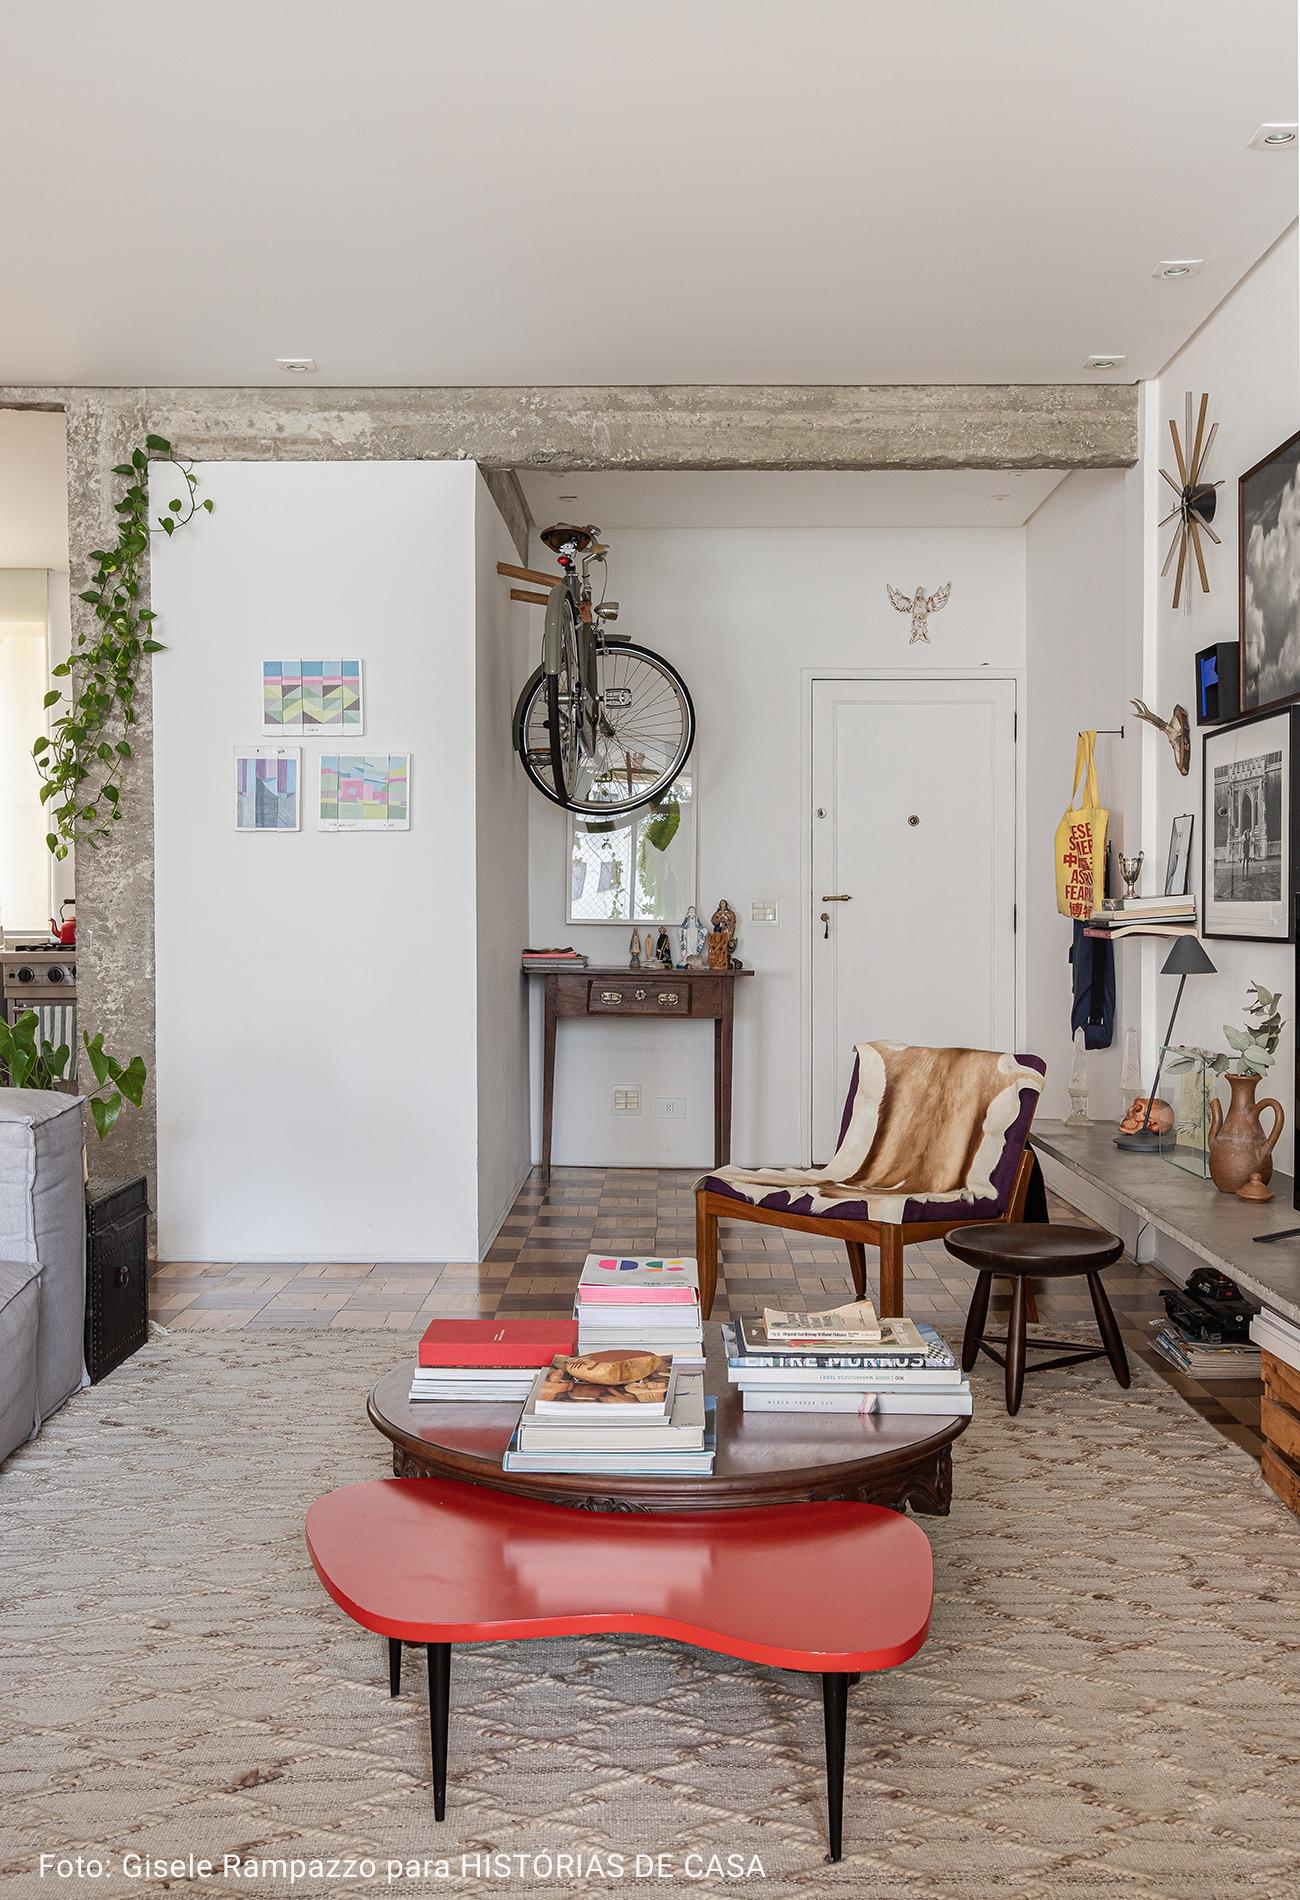 sala com bicileta na entrada